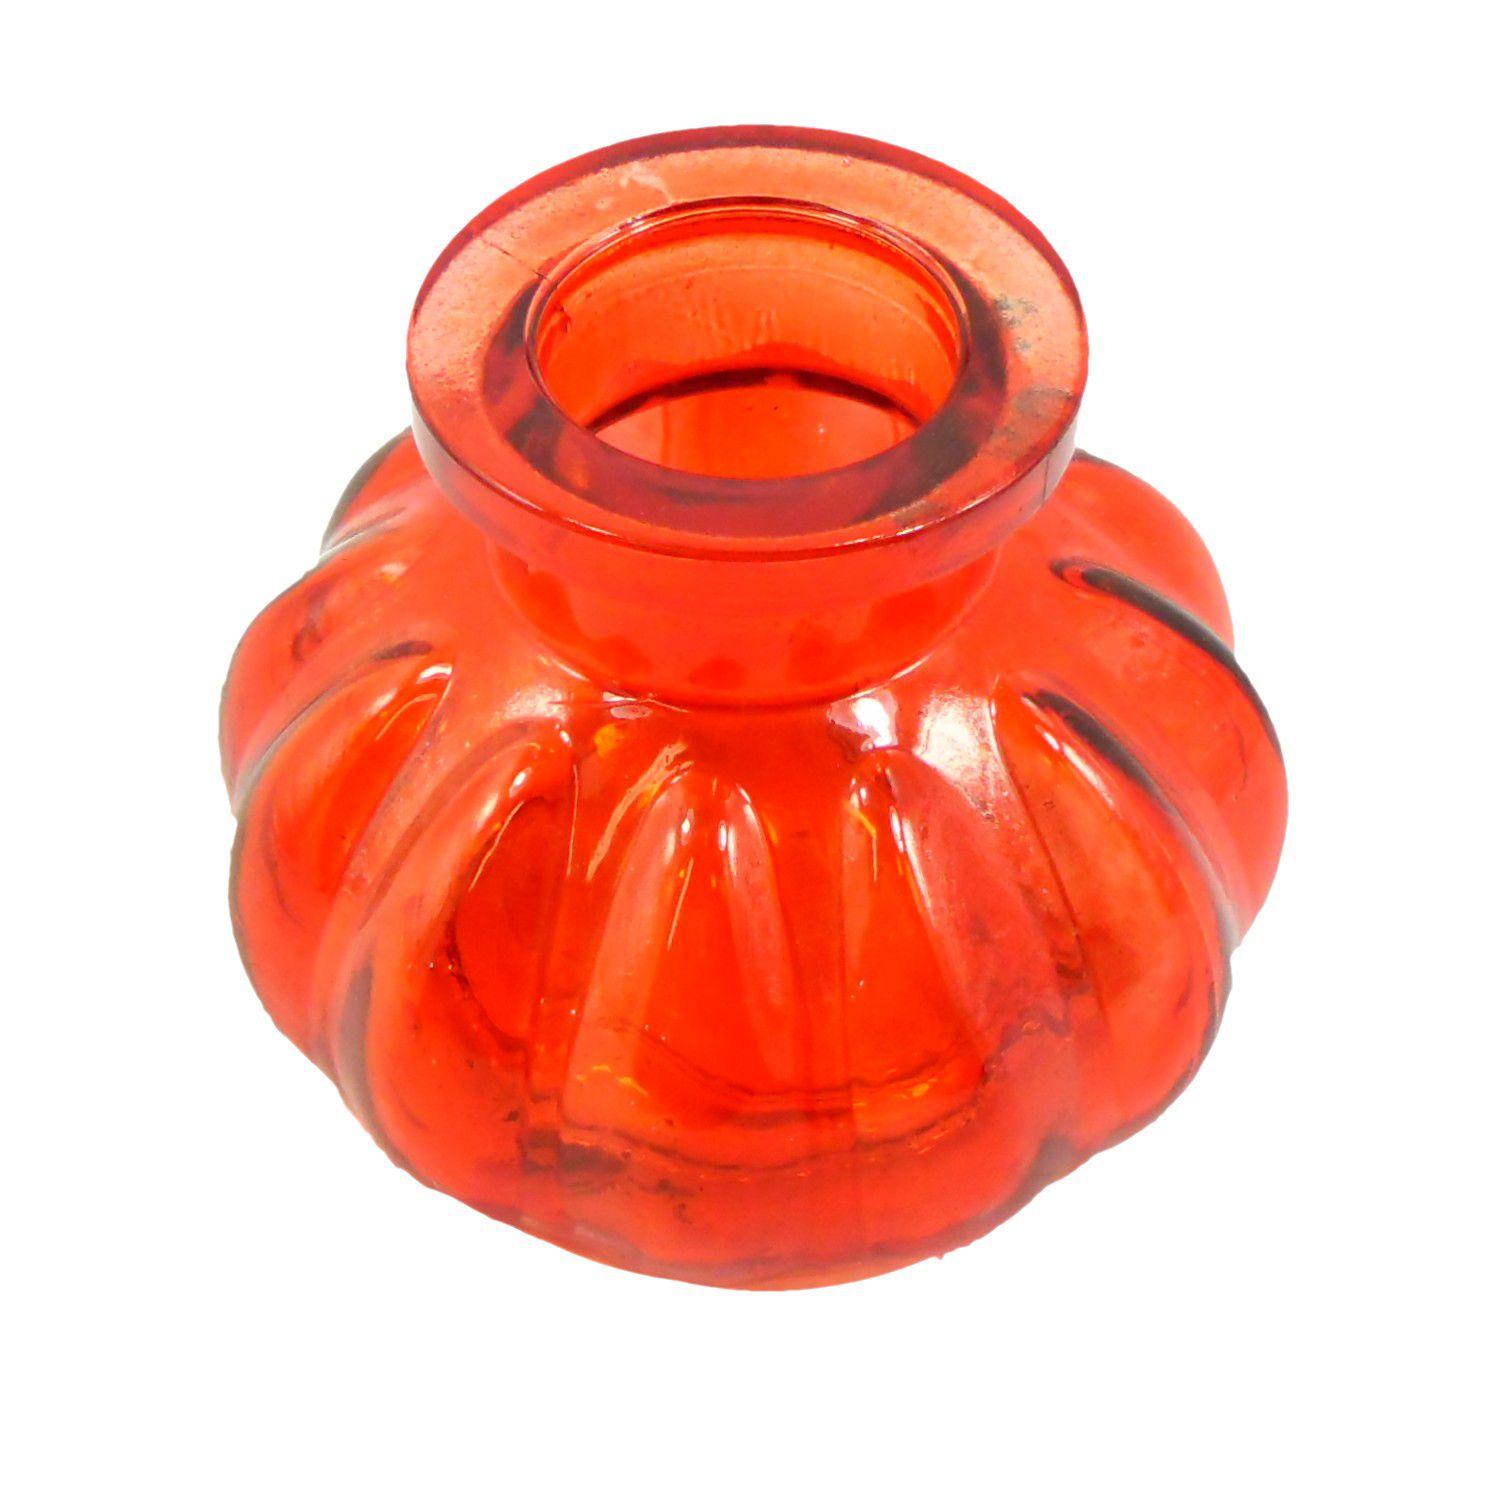 Vaso/base para narguile em vidro moldado, pequeno, 8cm de altura. Encaixe tipo fêmea. Vermelho